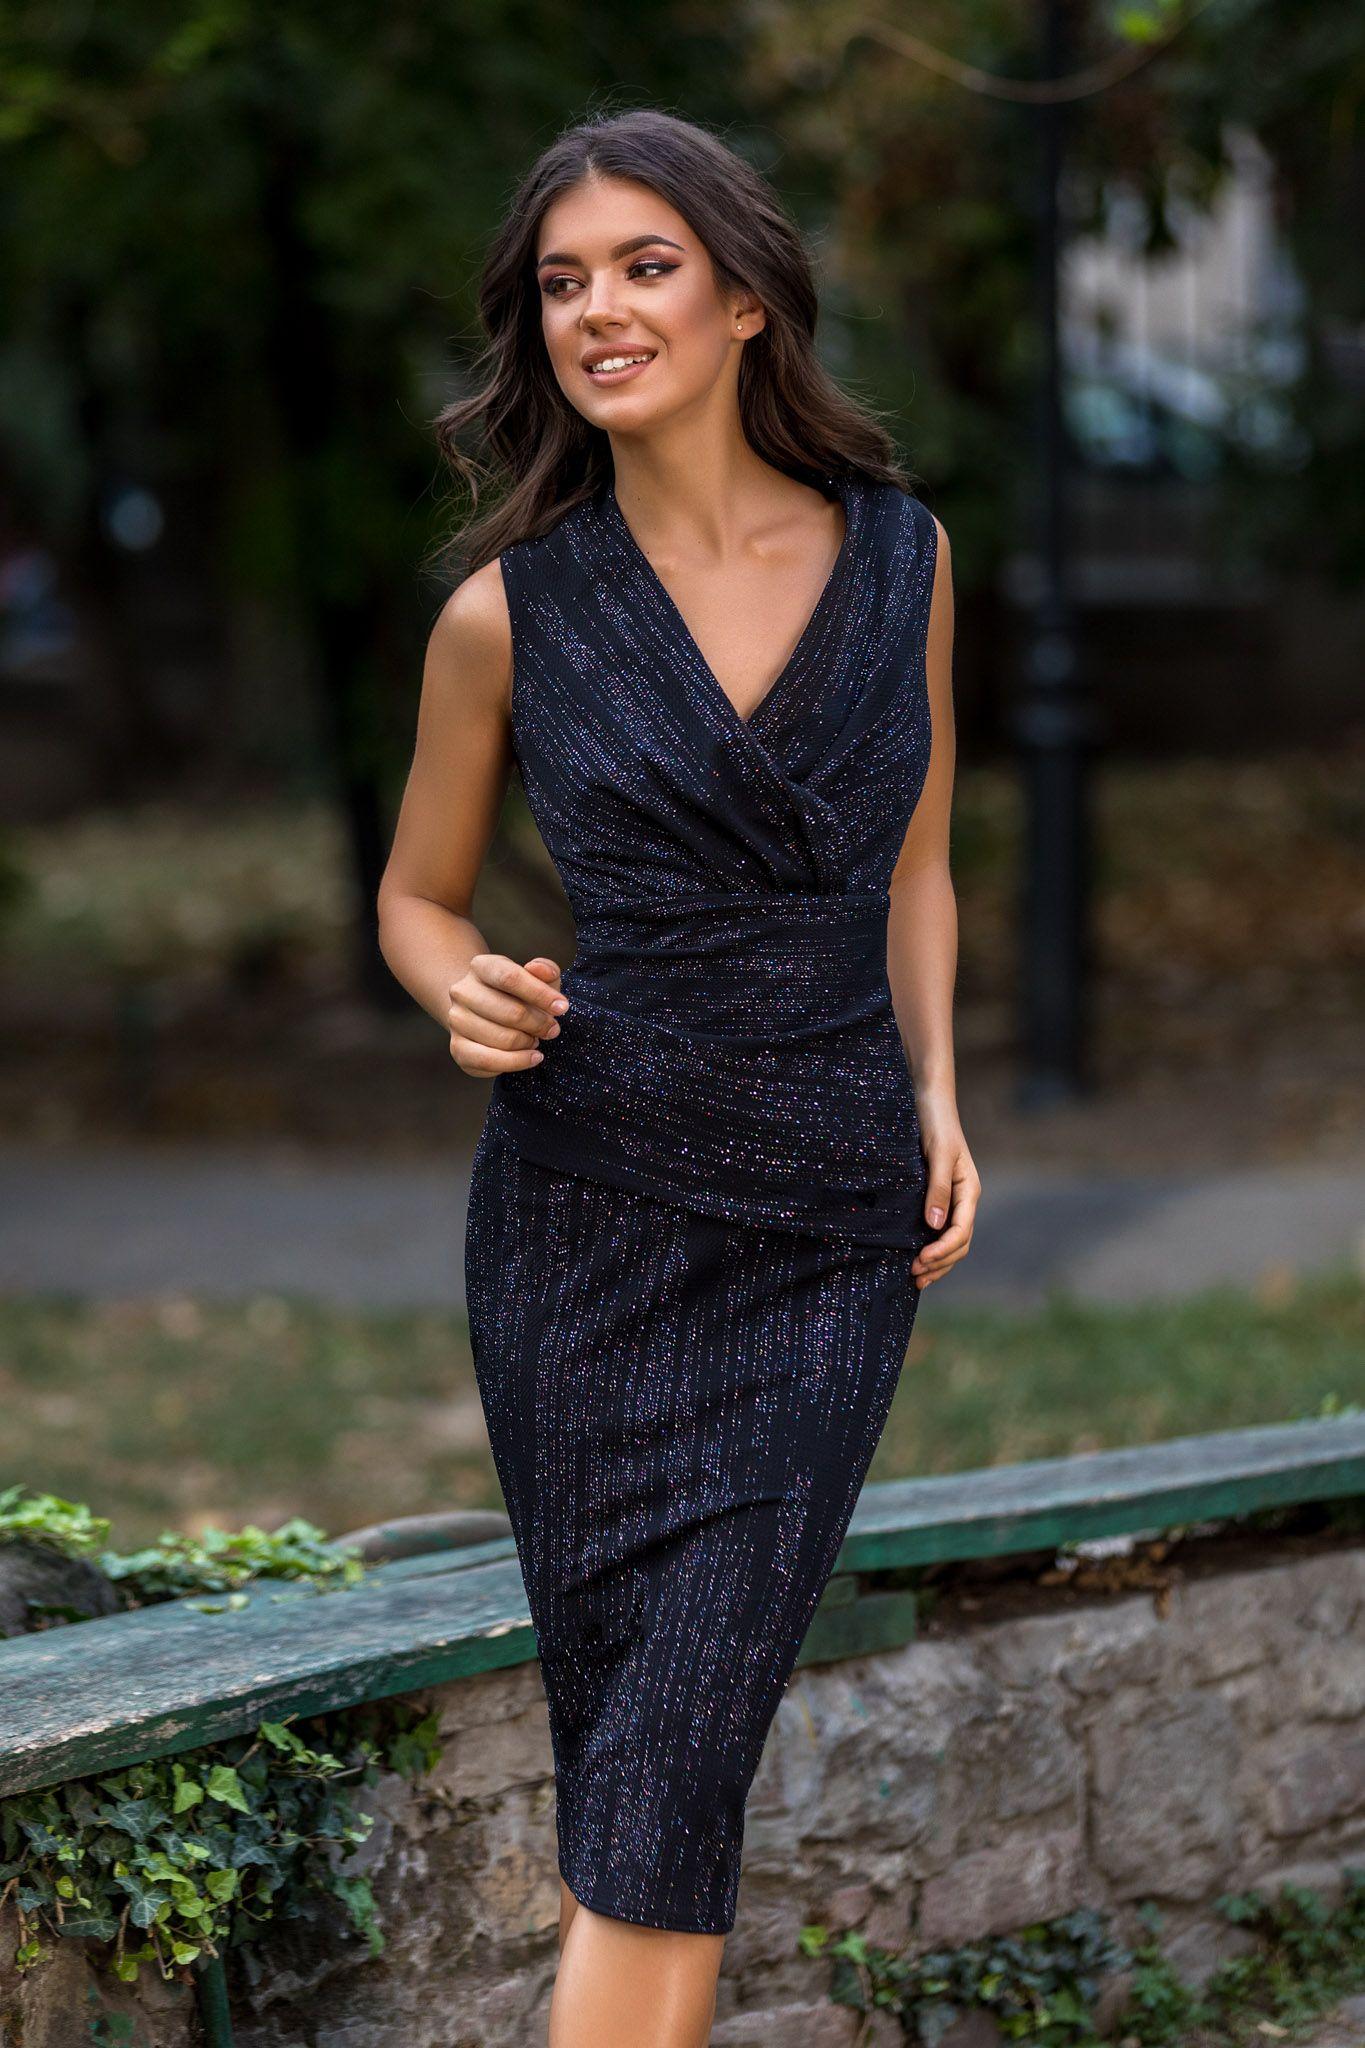 Cum să te îmbraci la o întâlnire romantică? Iată propunerile noastre | Blog fotopanou.ro